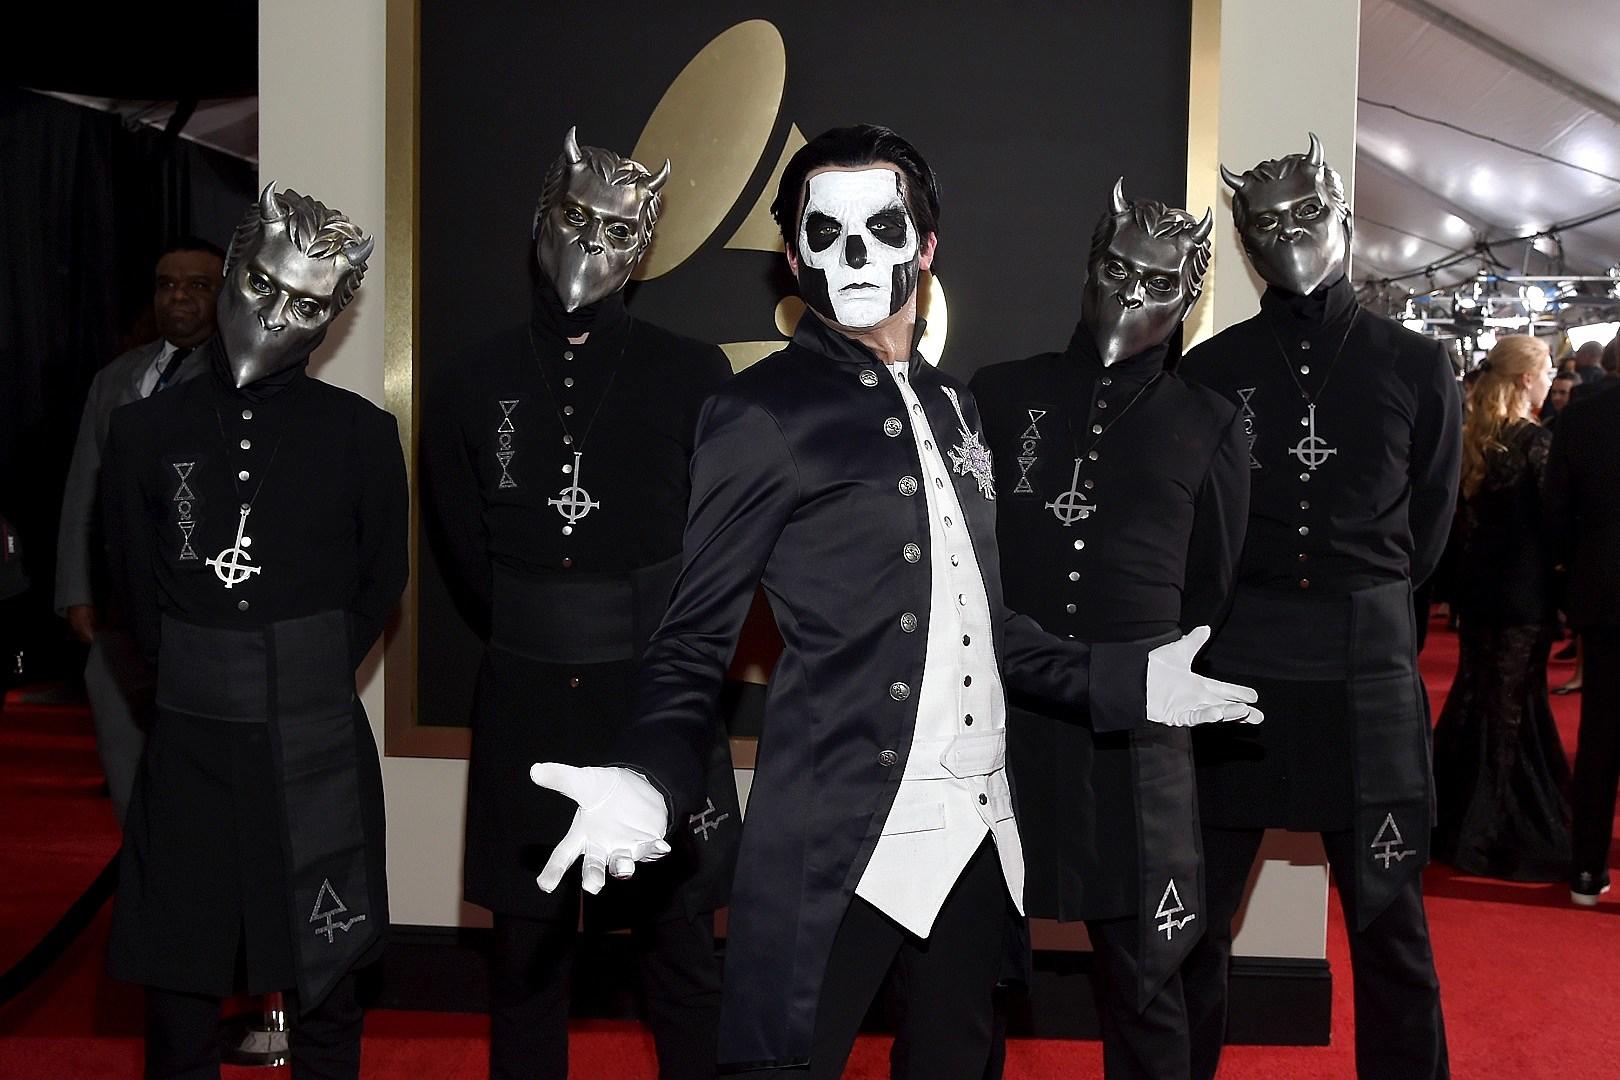 Cleaver In HEAD Headband FANCY DRESS Zombie Ghoul Ghost Halloween Accessory